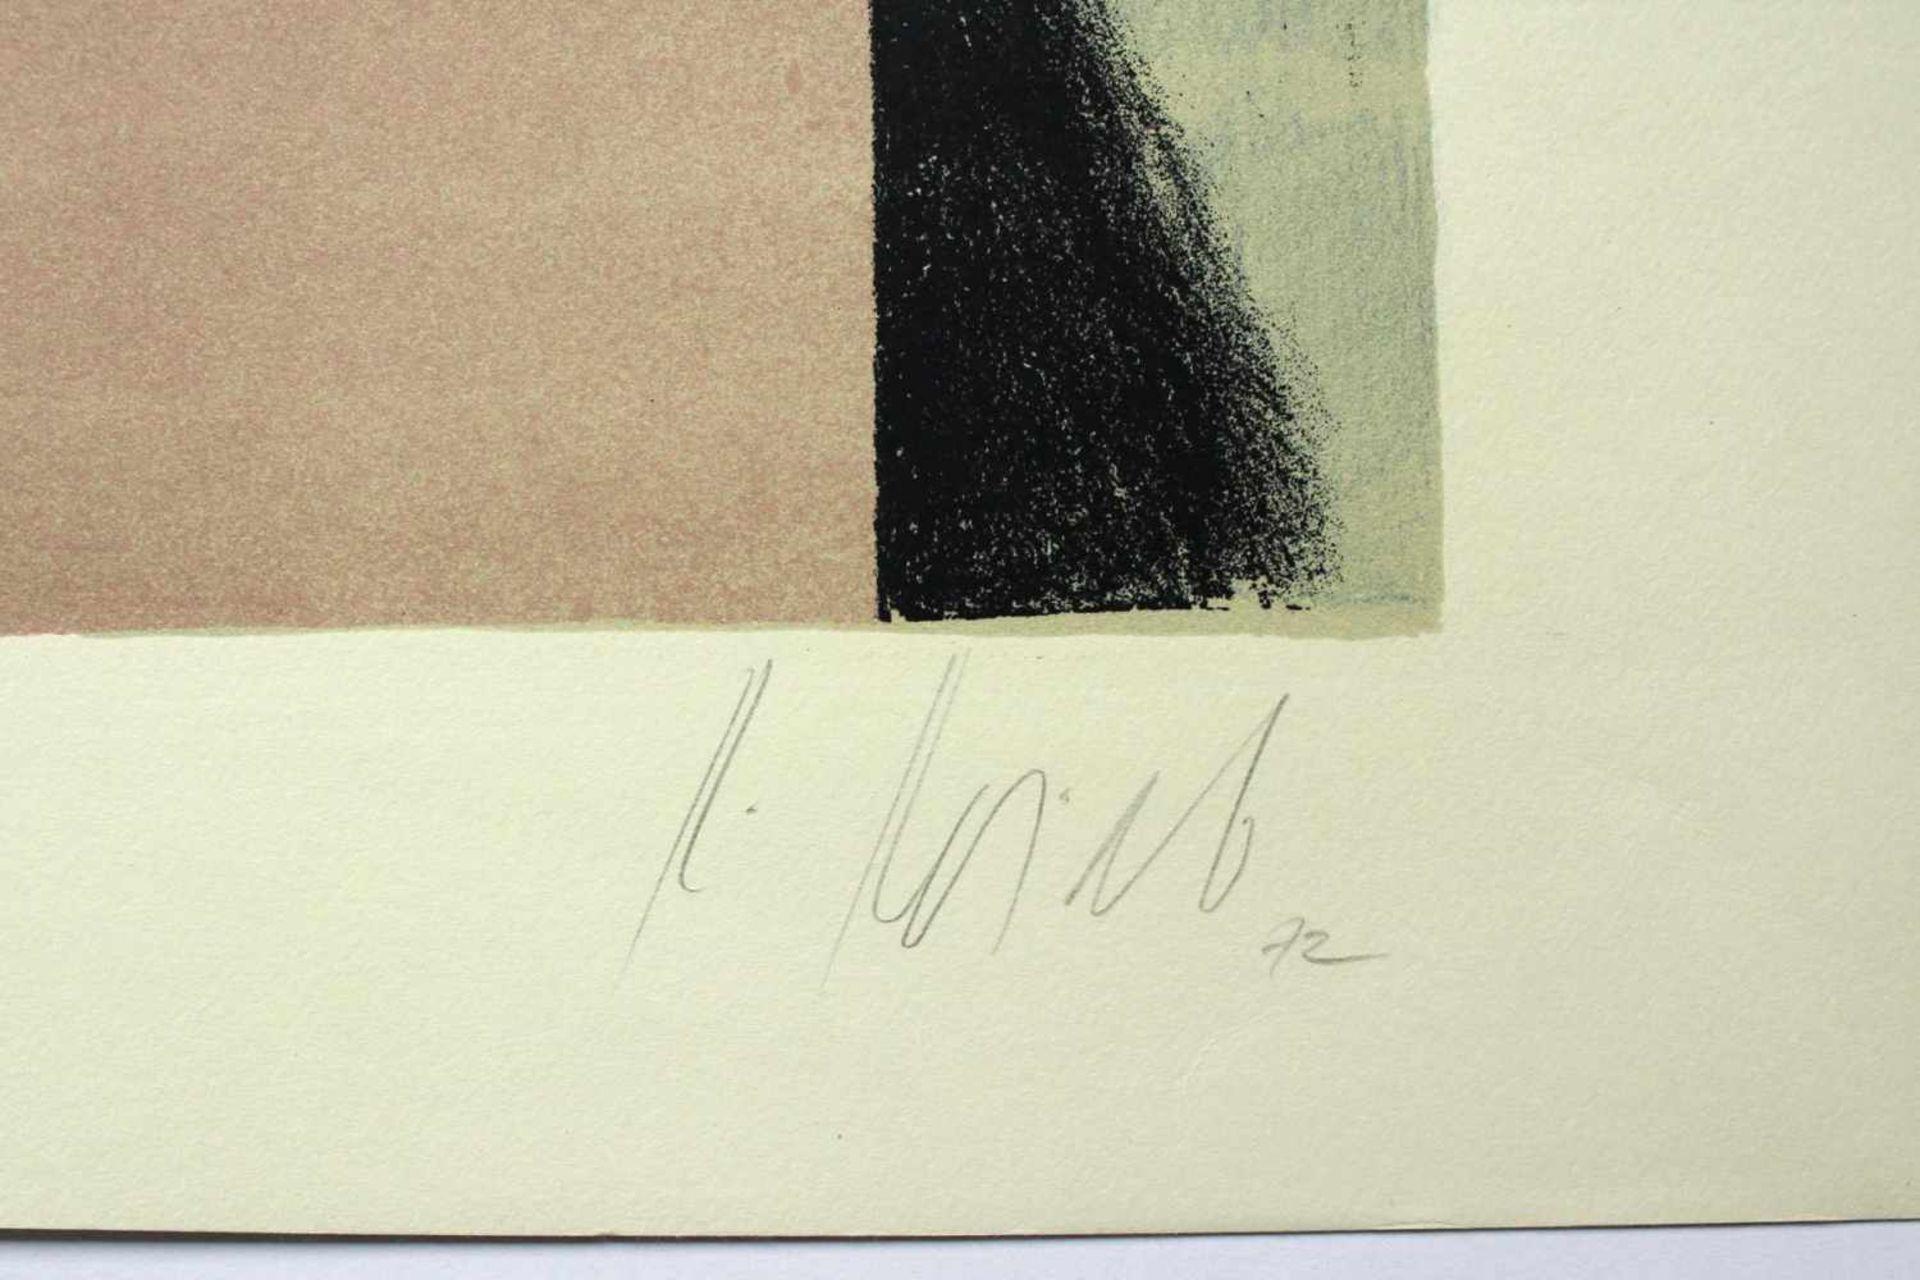 Karl Korab geb. 1937 o.T. 1972 Farblithographie handsigniert, Probedruck 45 x 62,5 cm - Bild 2 aus 3